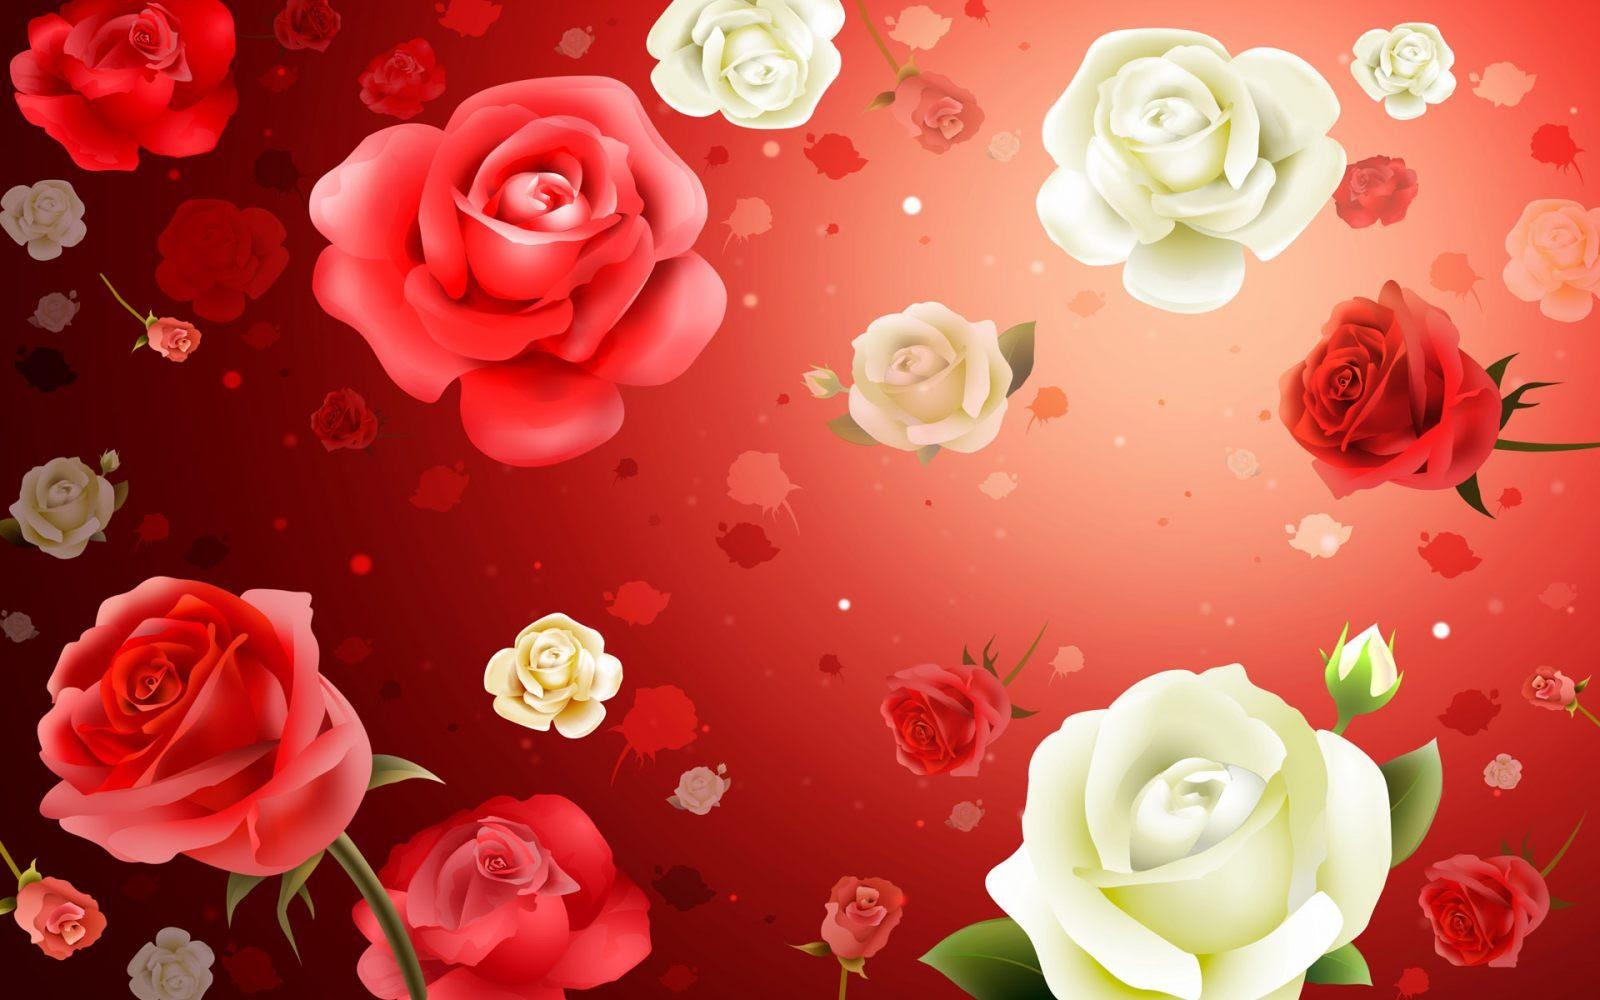 Dibujo Artístico De Rosas Imágenes Y Fotos